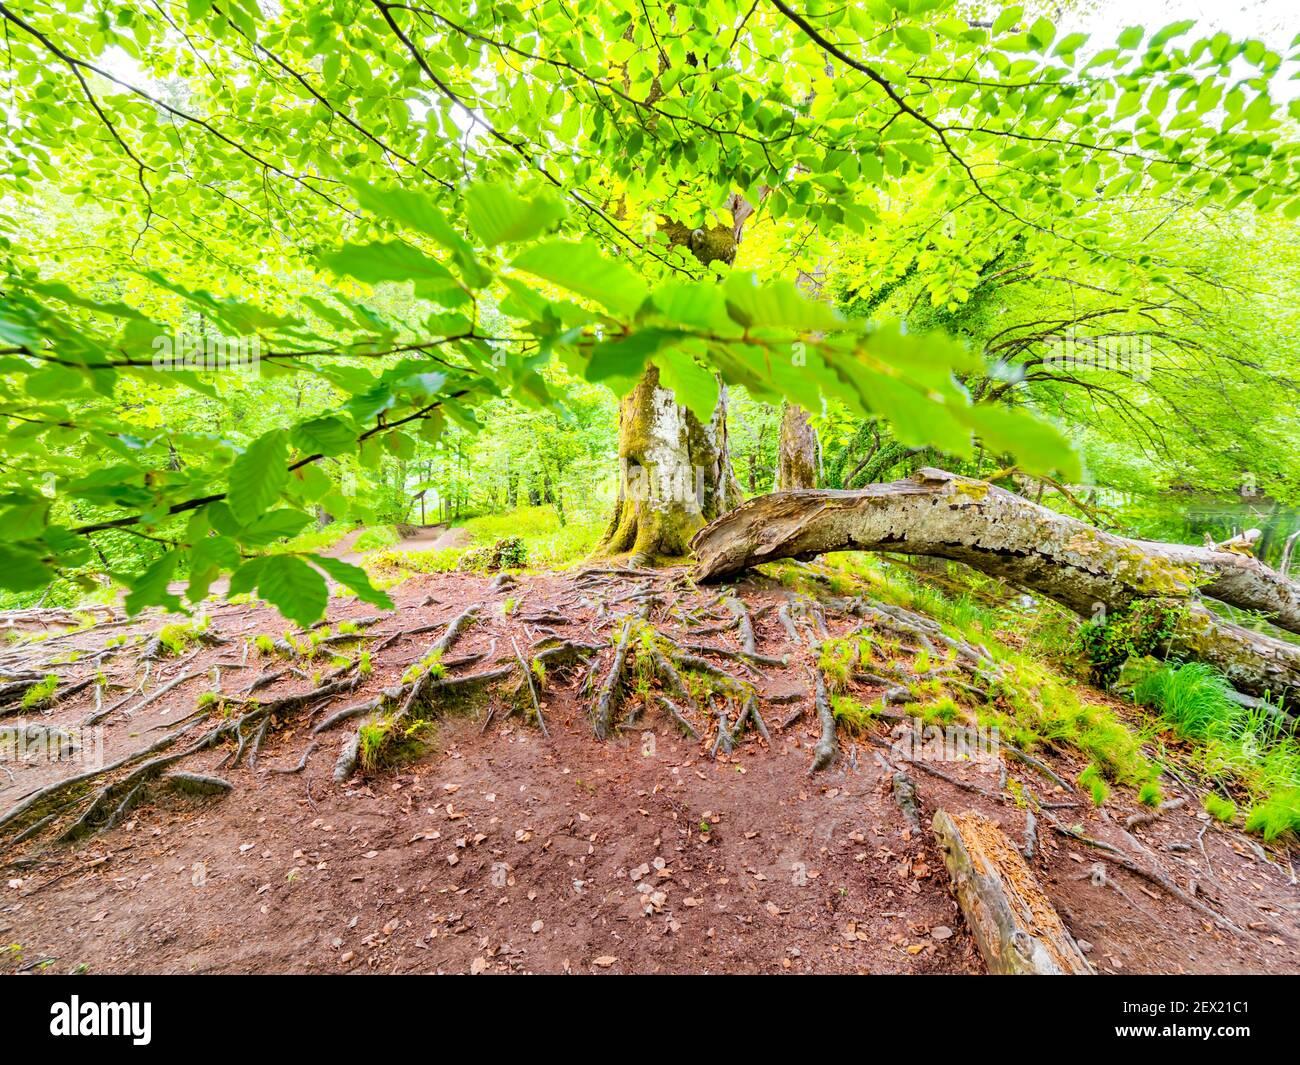 Parque nacional de los lagos de Plitvice prominentes raíces arbóreas visibles en el suelo sobresalir a través de la superficie de la tierra bajo el dosel del follaje Foto de stock